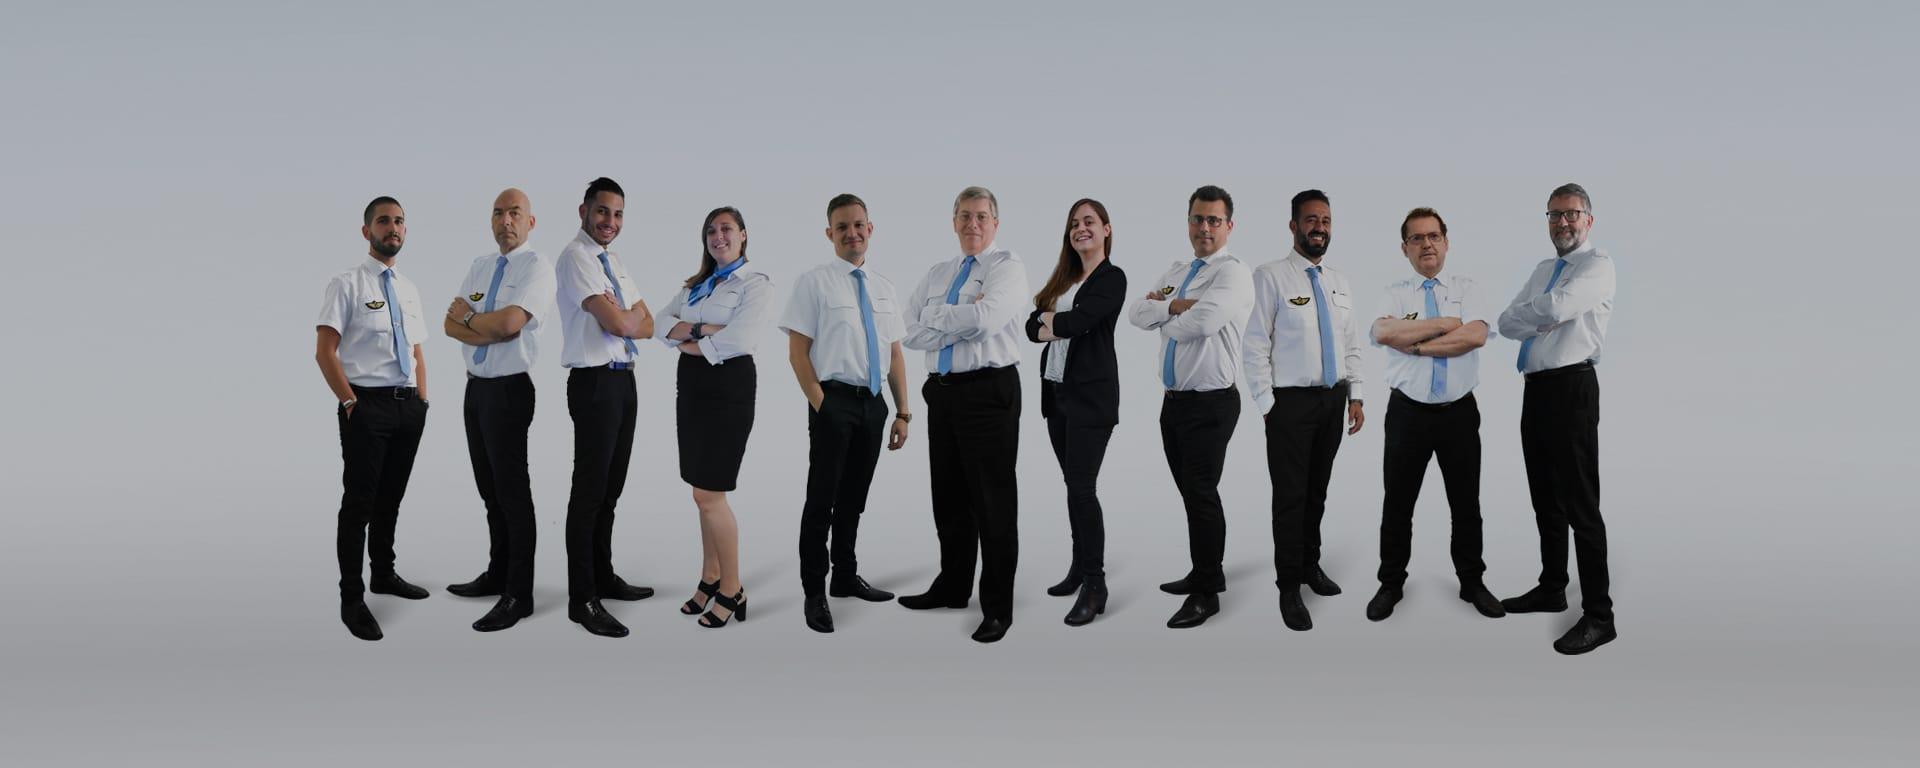 L'équipe de direction Astonfly